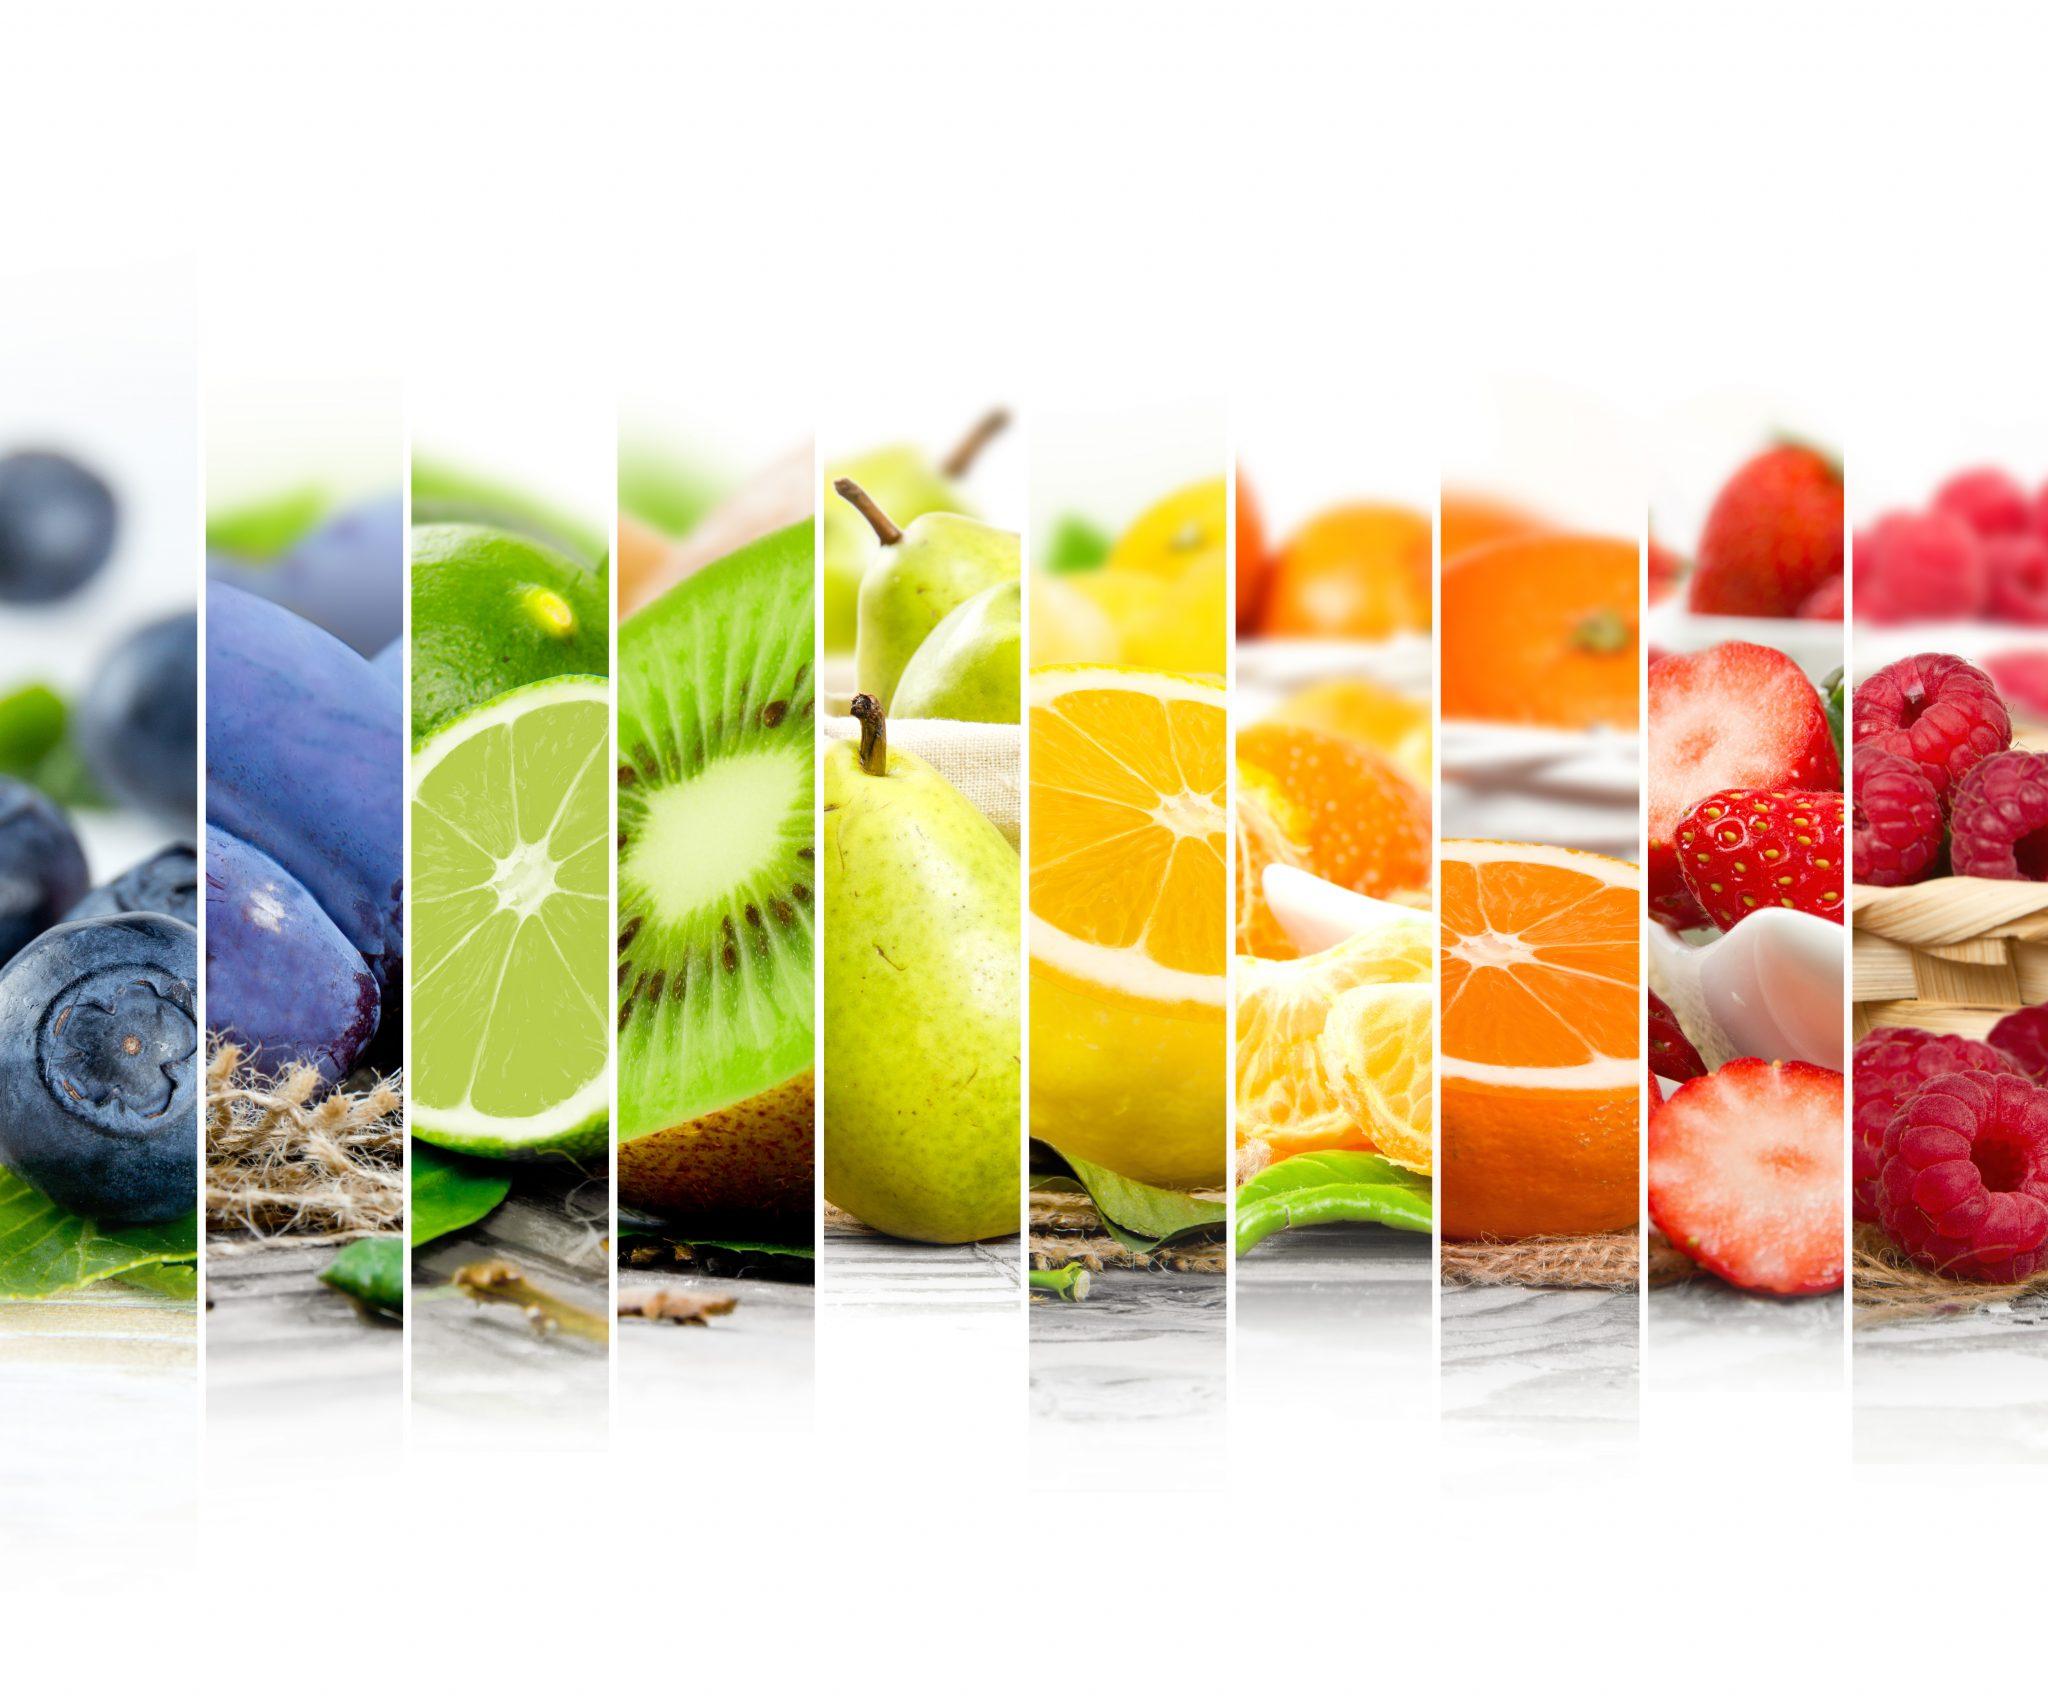 Seis habitos saludables